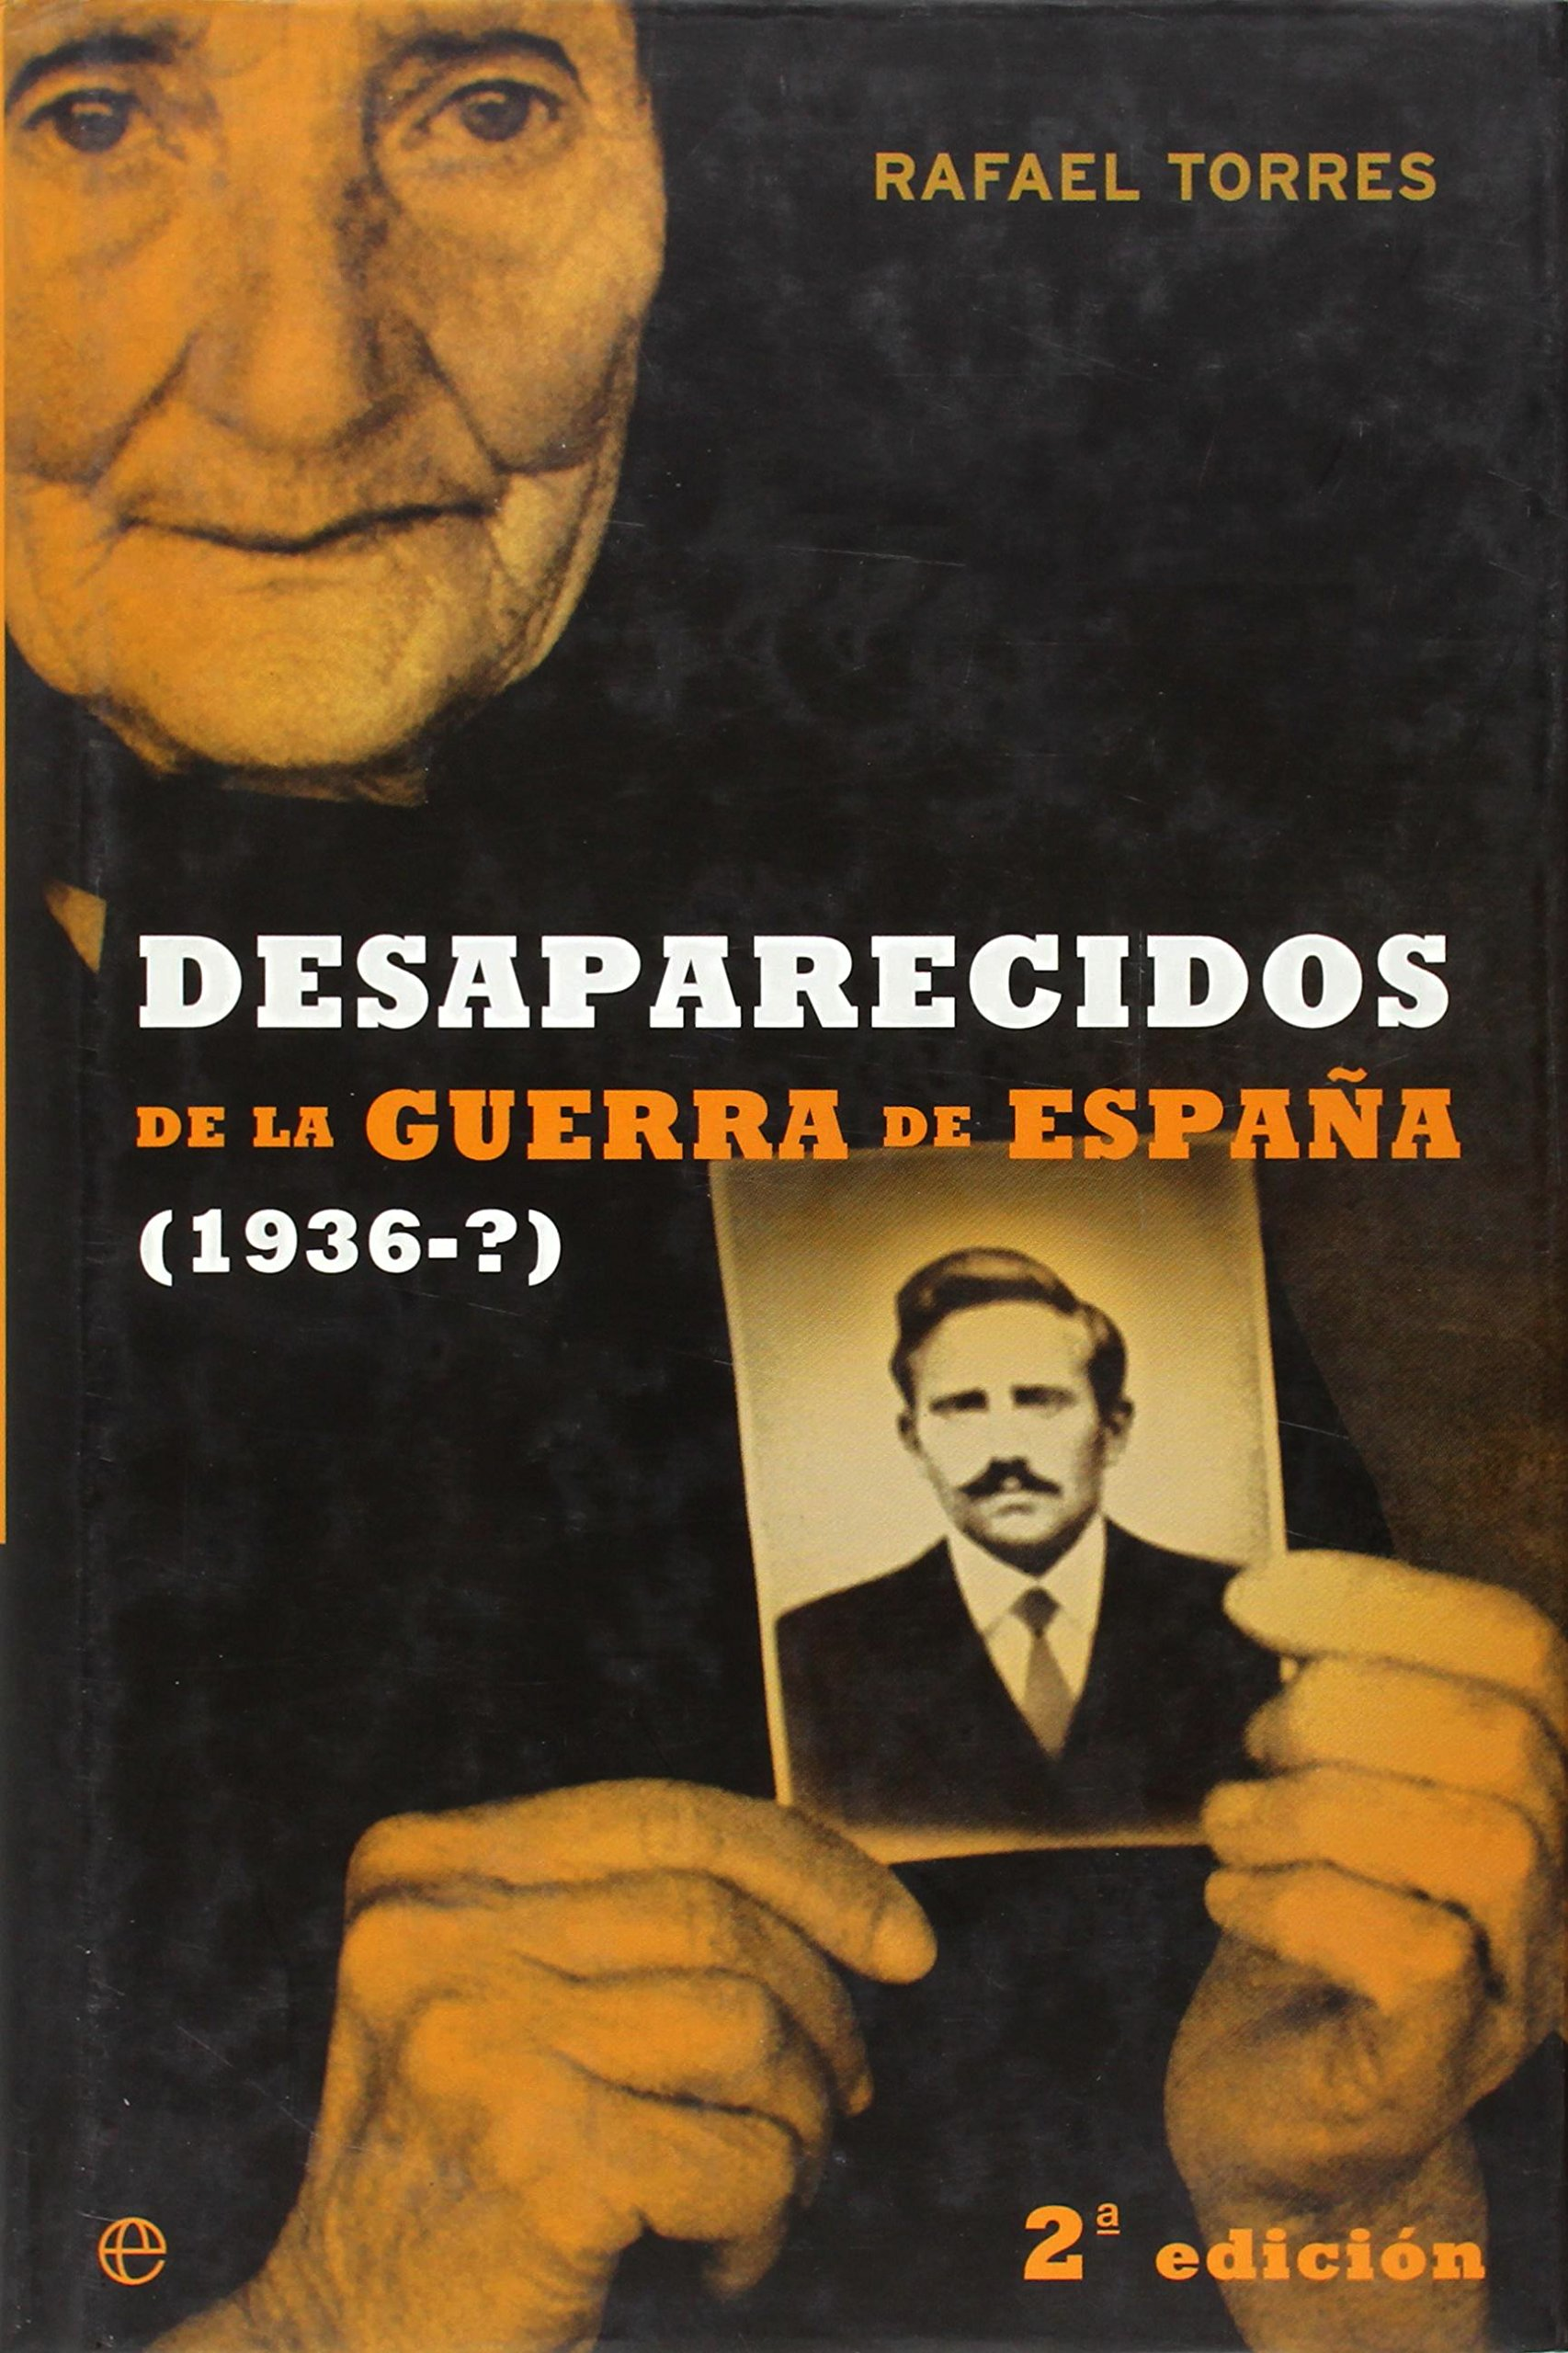 Desaparecidos en la Guerra de España 1936 - ? Historia Del Siglo Xx: Amazon.es: Torres Rafael: Libros